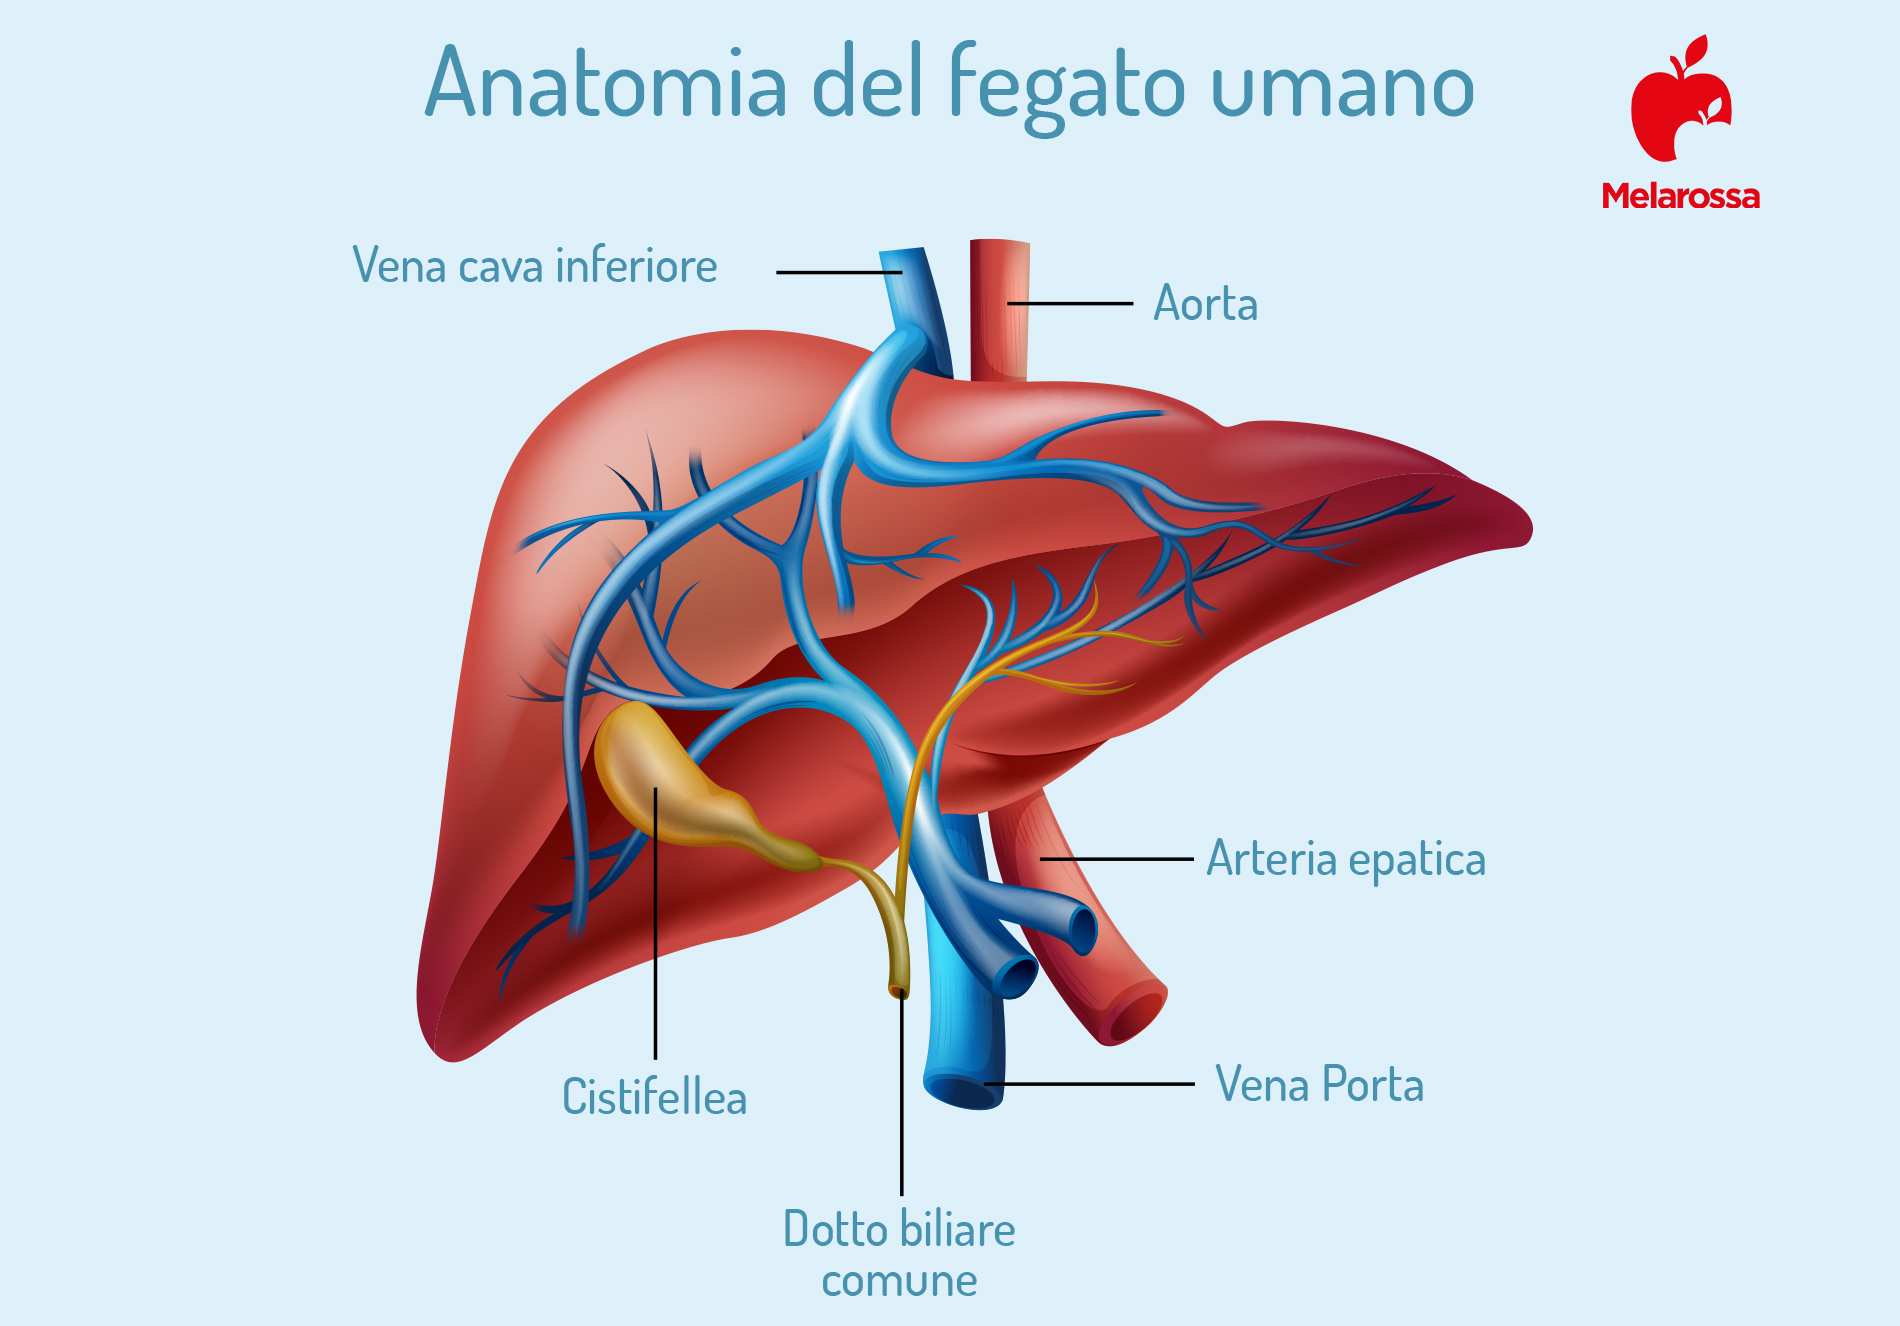 Epatite B: anatomia del fegato